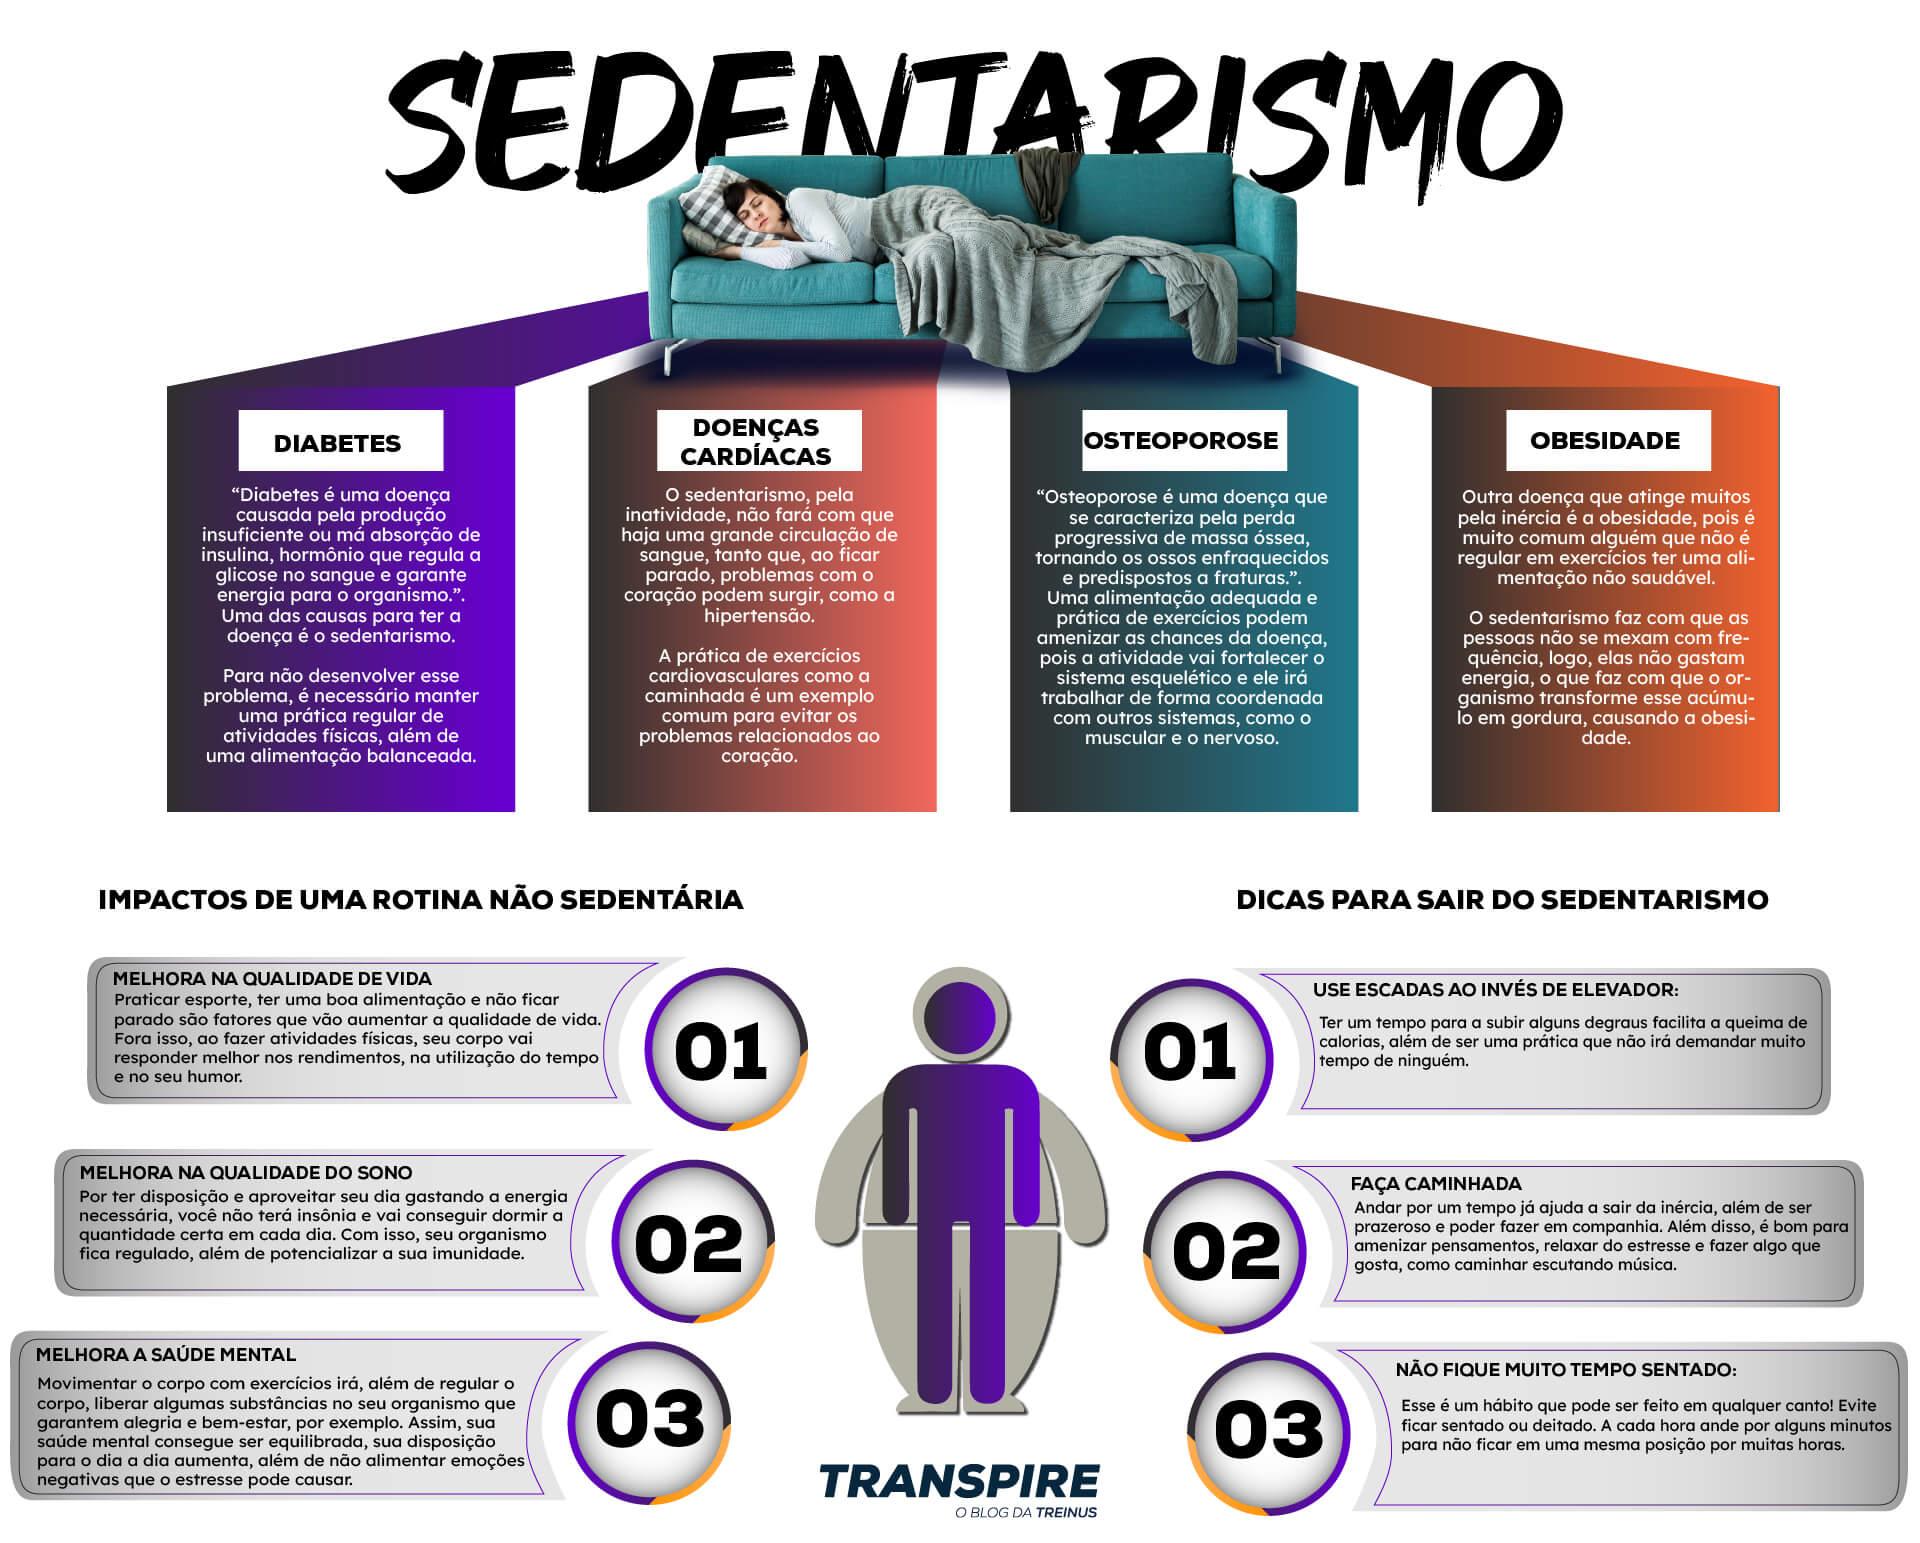 infográfico sobre sedentarismo